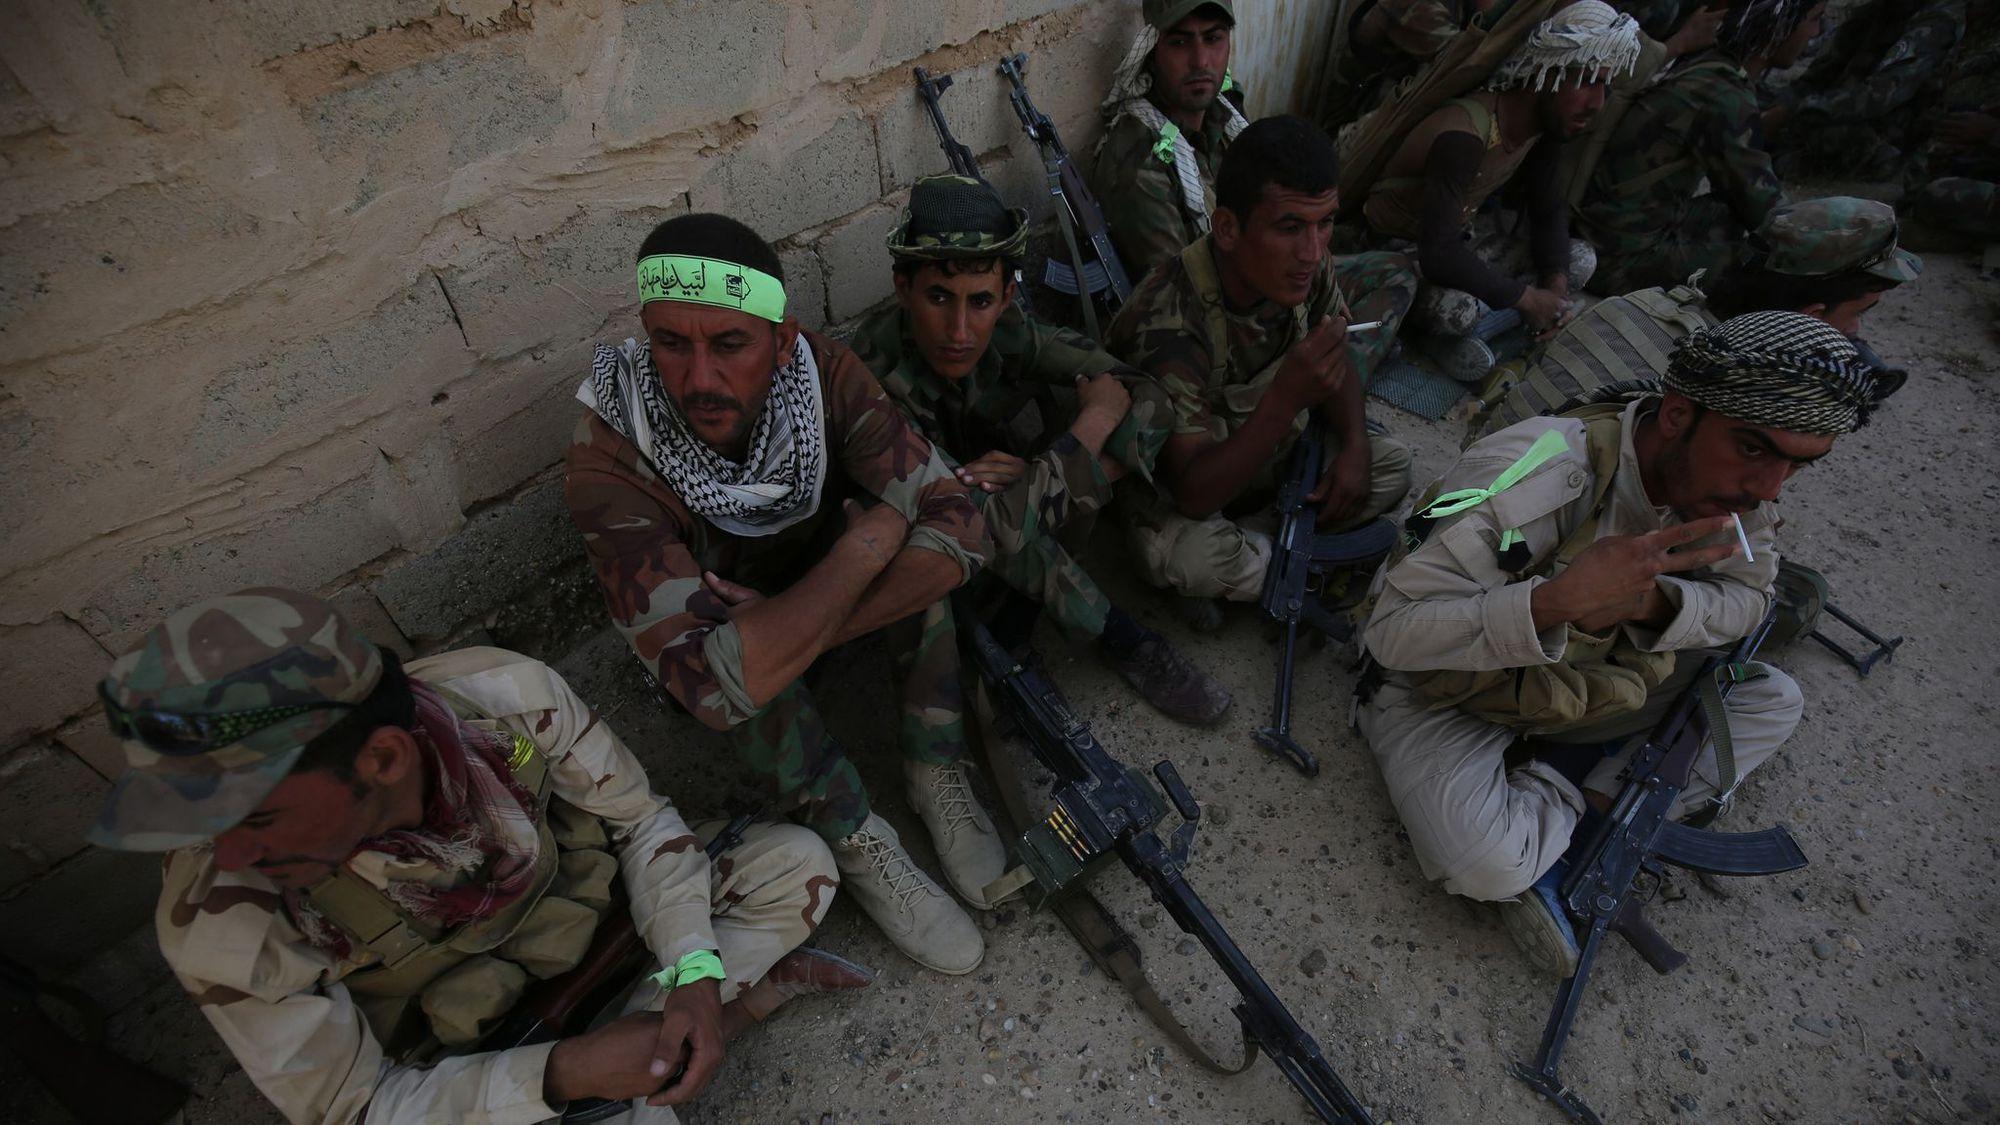 Les forces irakiennes resserrent l'étau autour de Fallouja toujours aux mains de l'EI